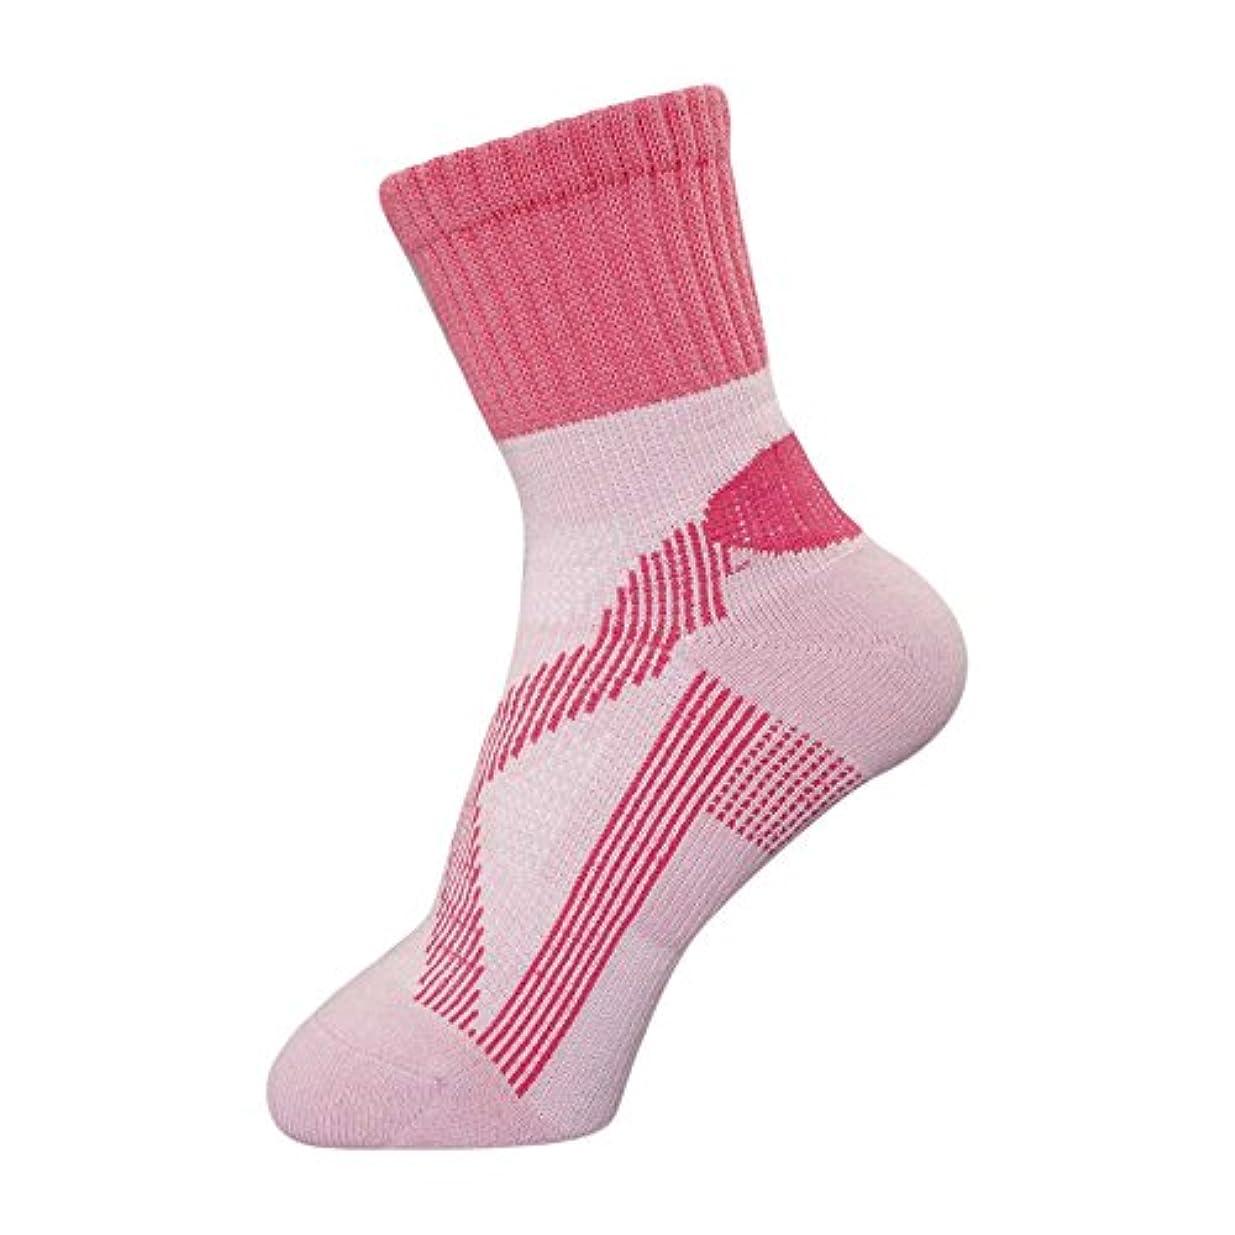 ウサギ分割記述するbonbone テーピングソックス 女性用  ピンク 22-25cm